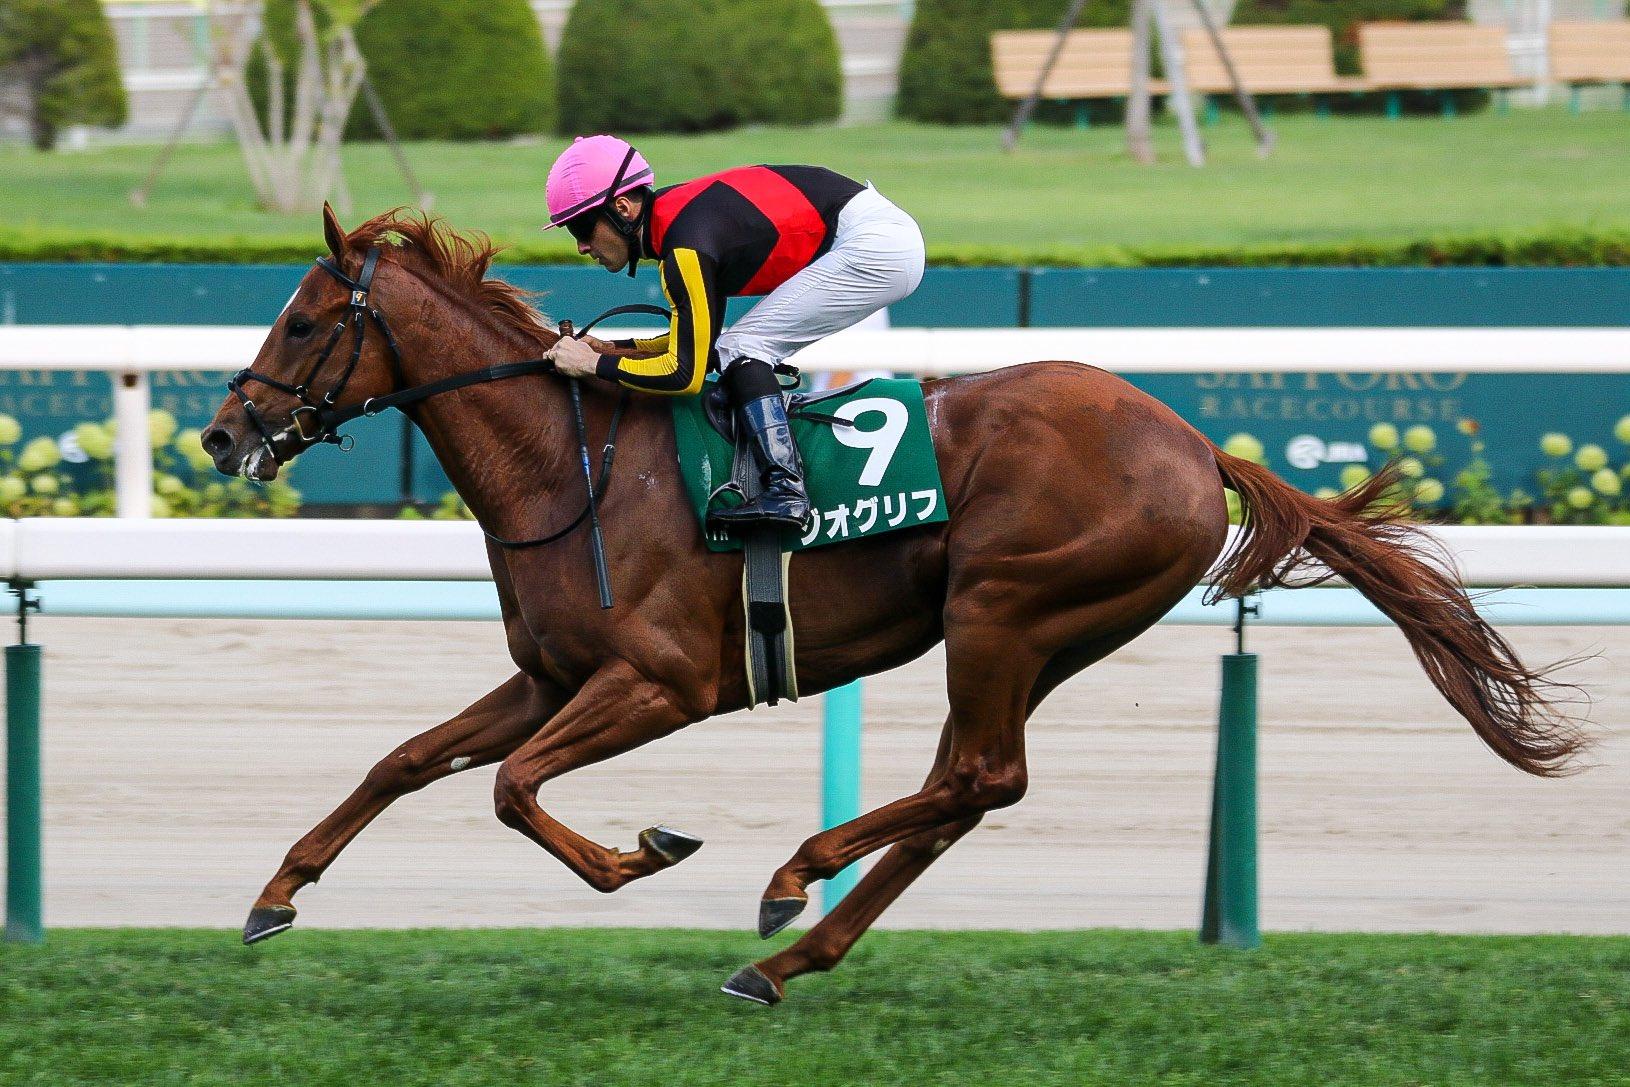 [重賞回顧]新種牡馬の産駒が魅せた、圧巻のパフォーマンス~2021年・札幌2歳ステークス~